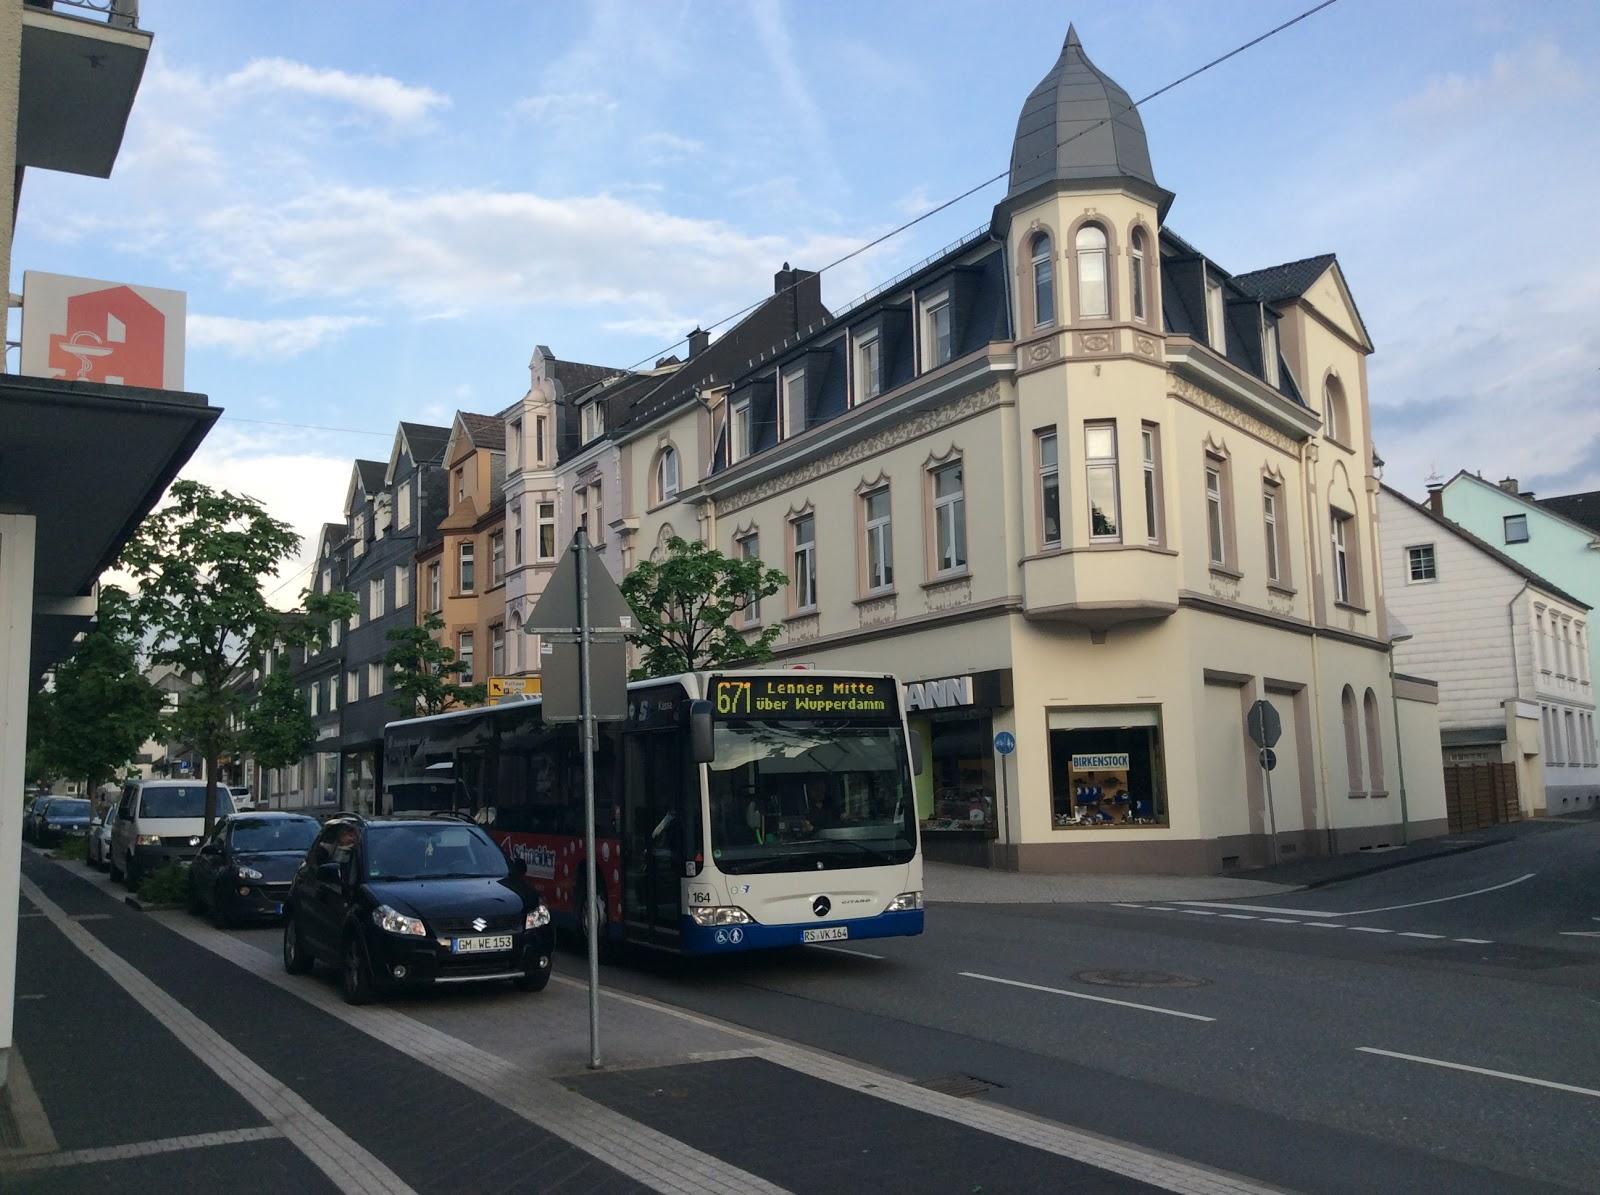 Radevormwald Stadtnetz Ortsbus Statt Schulbus Offener Brief An